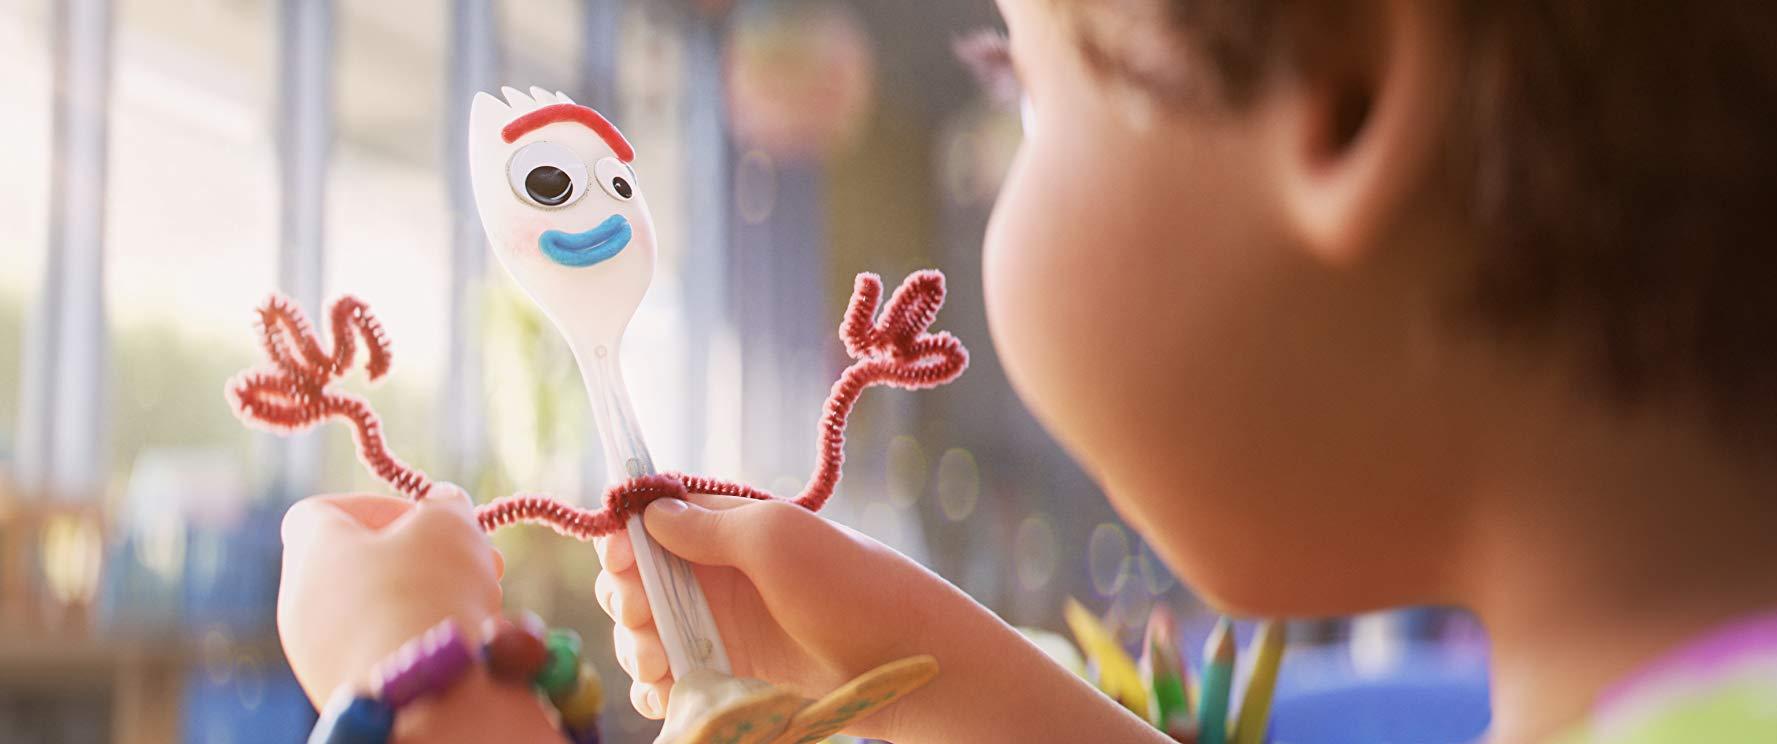 REVIEW Toy Story 4 (Câu Chuyện Đồ Chơi 4) - Hình 1